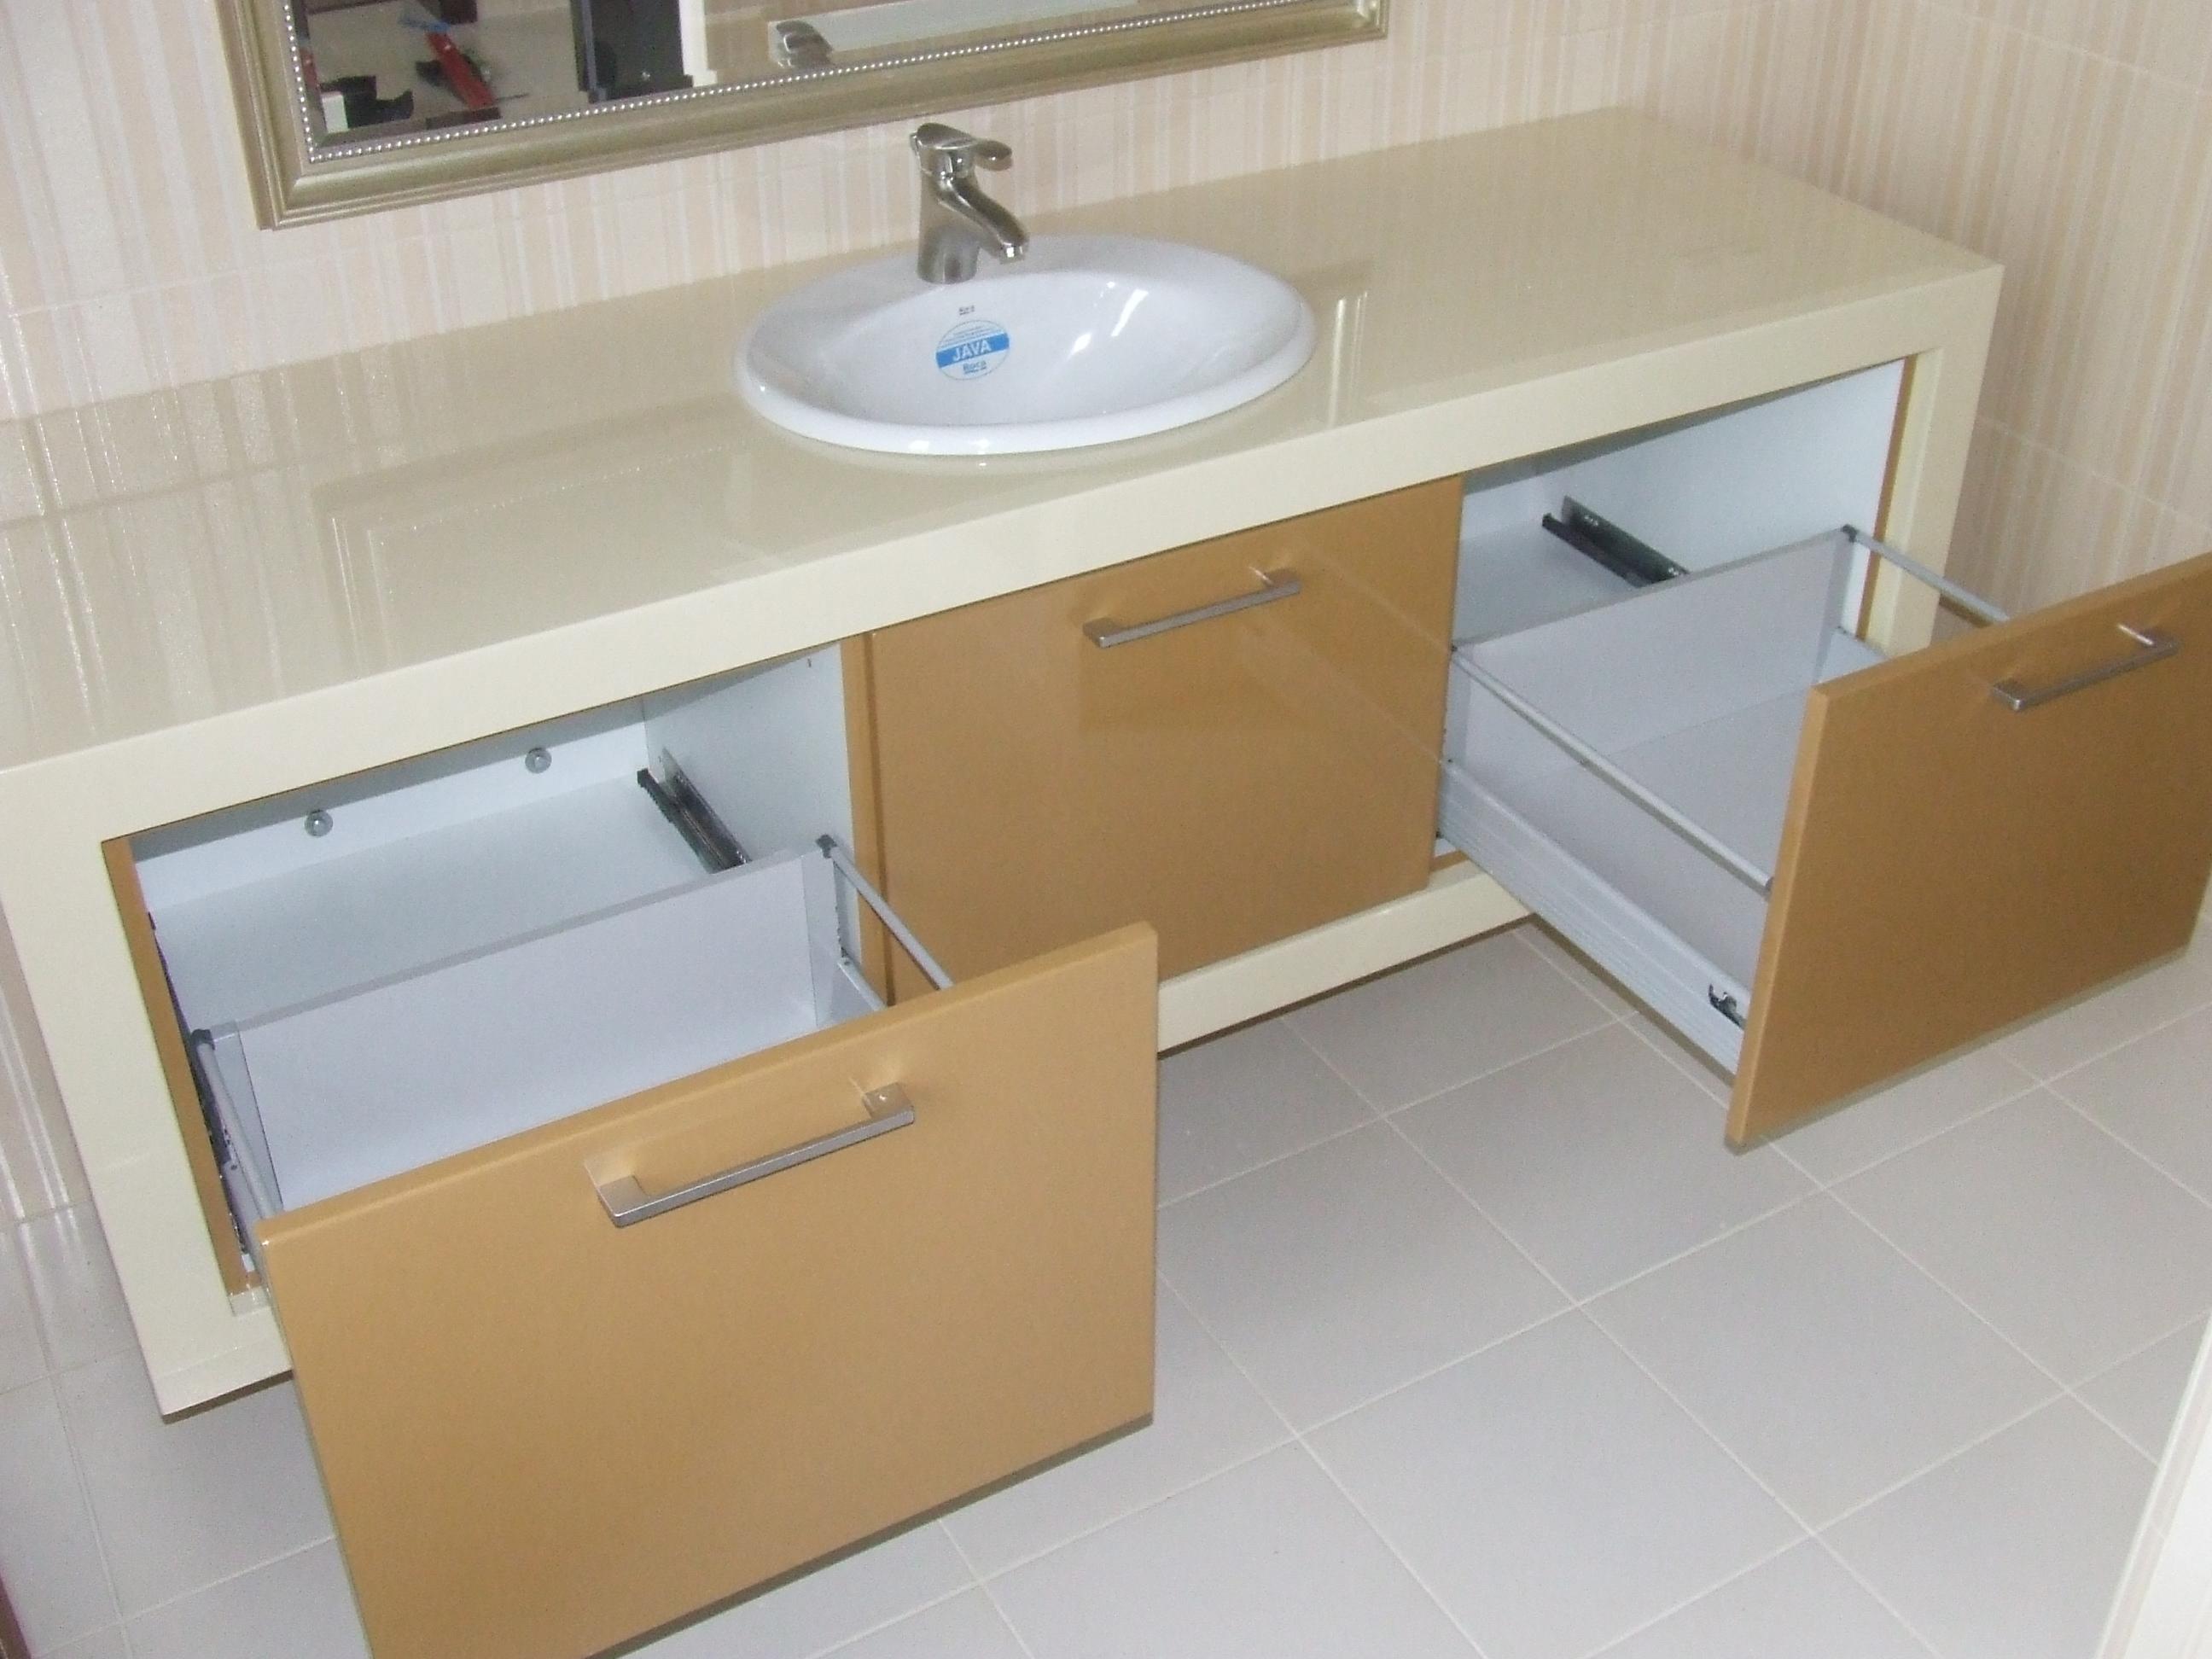 Badezimmermöbel - ADELL - meble na wymiar, kuchnie, łazienki ...